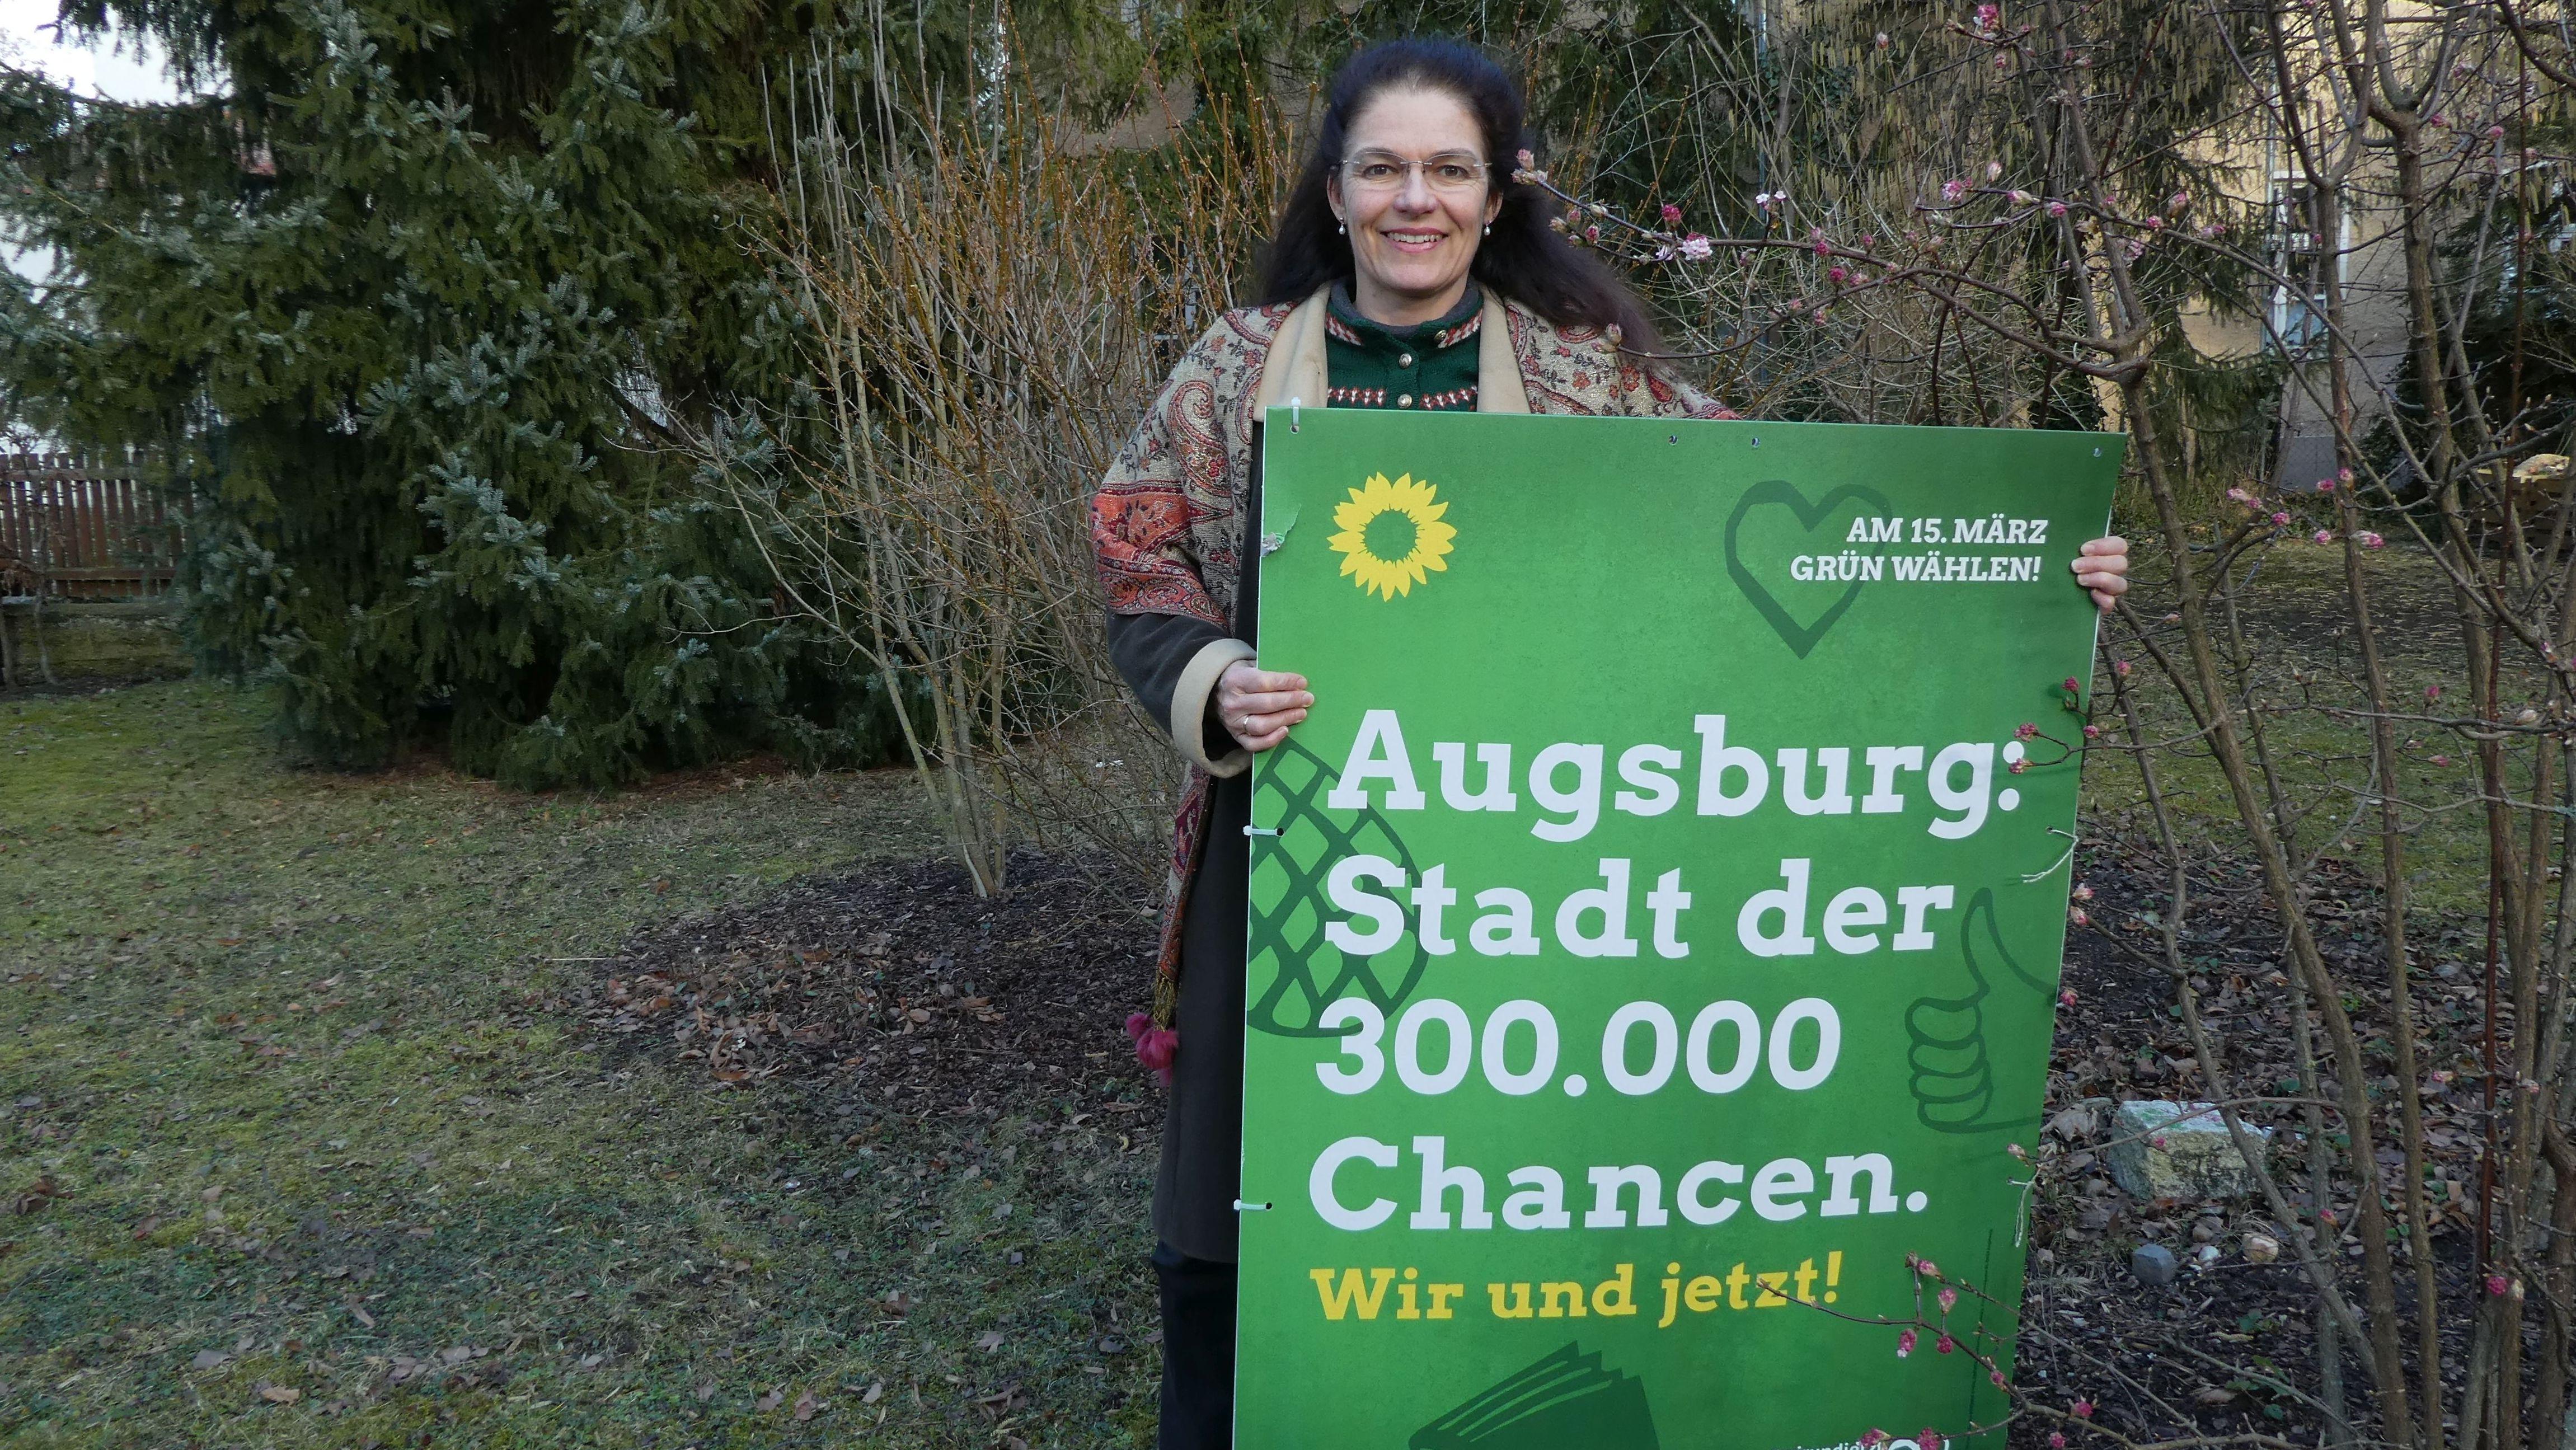 Anne-Kathrin Kapp-Kleineidam ist evangelische Pfarrerin und kandidiert für den Stadtrat in Augsburg.